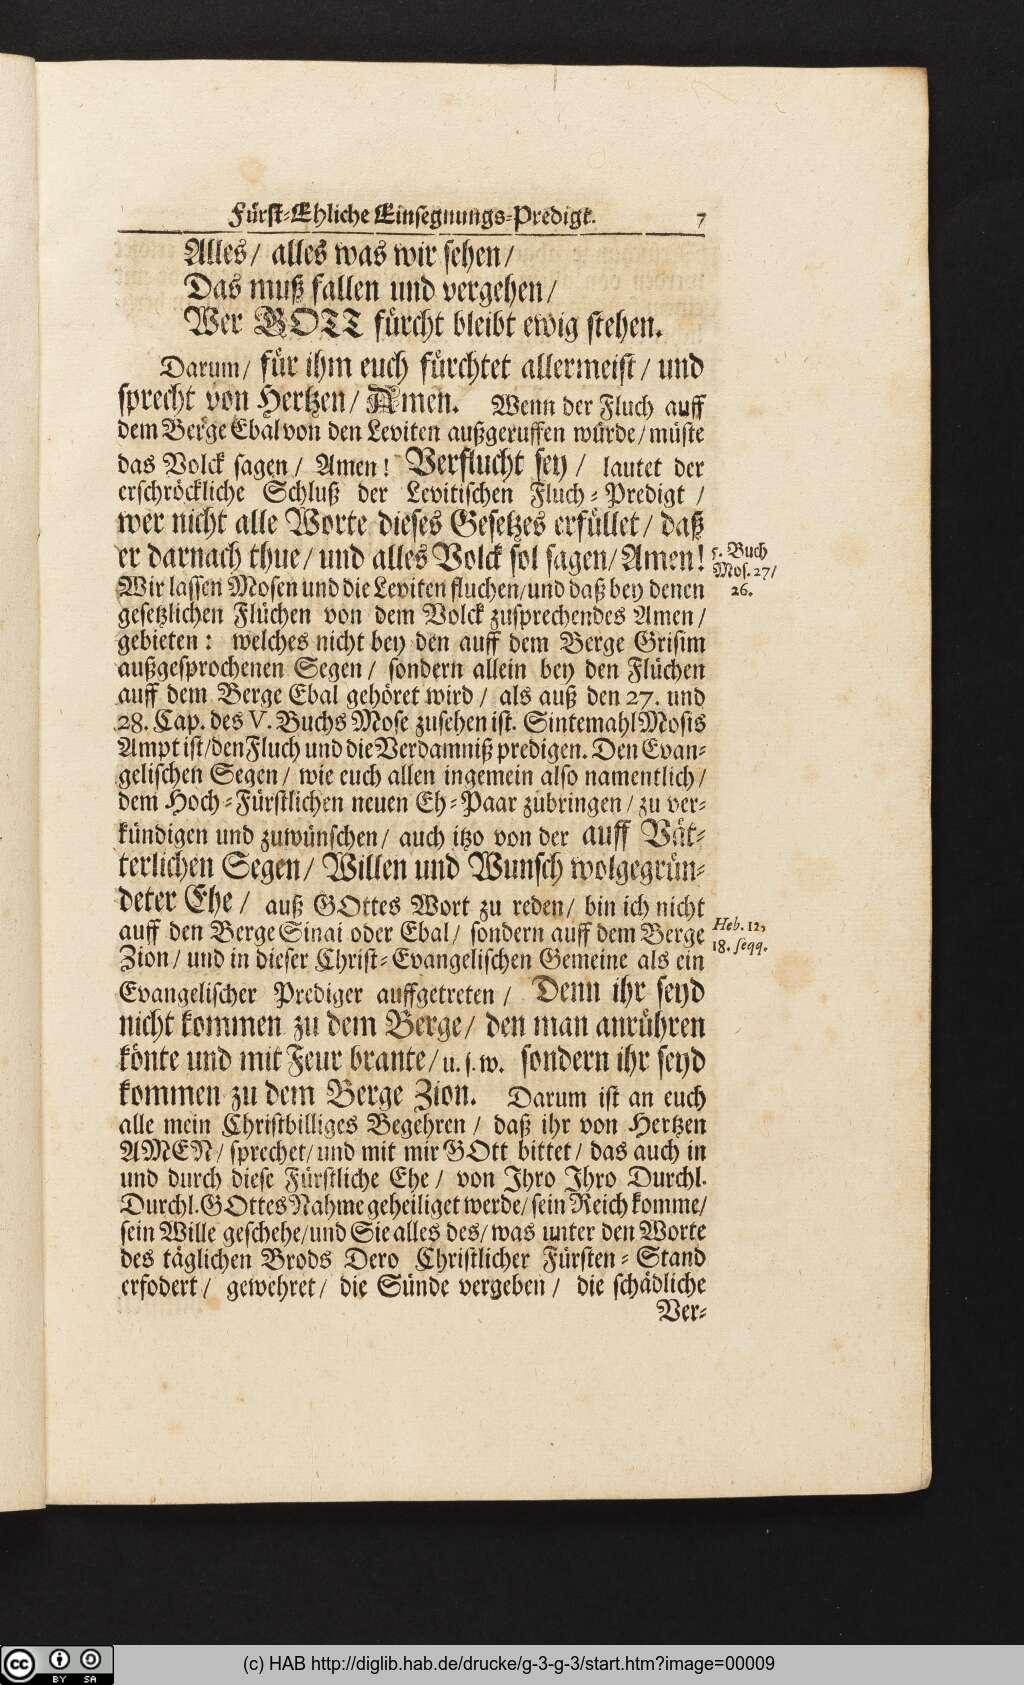 http://diglib.hab.de/drucke/g-3-g-3/00009.jpg